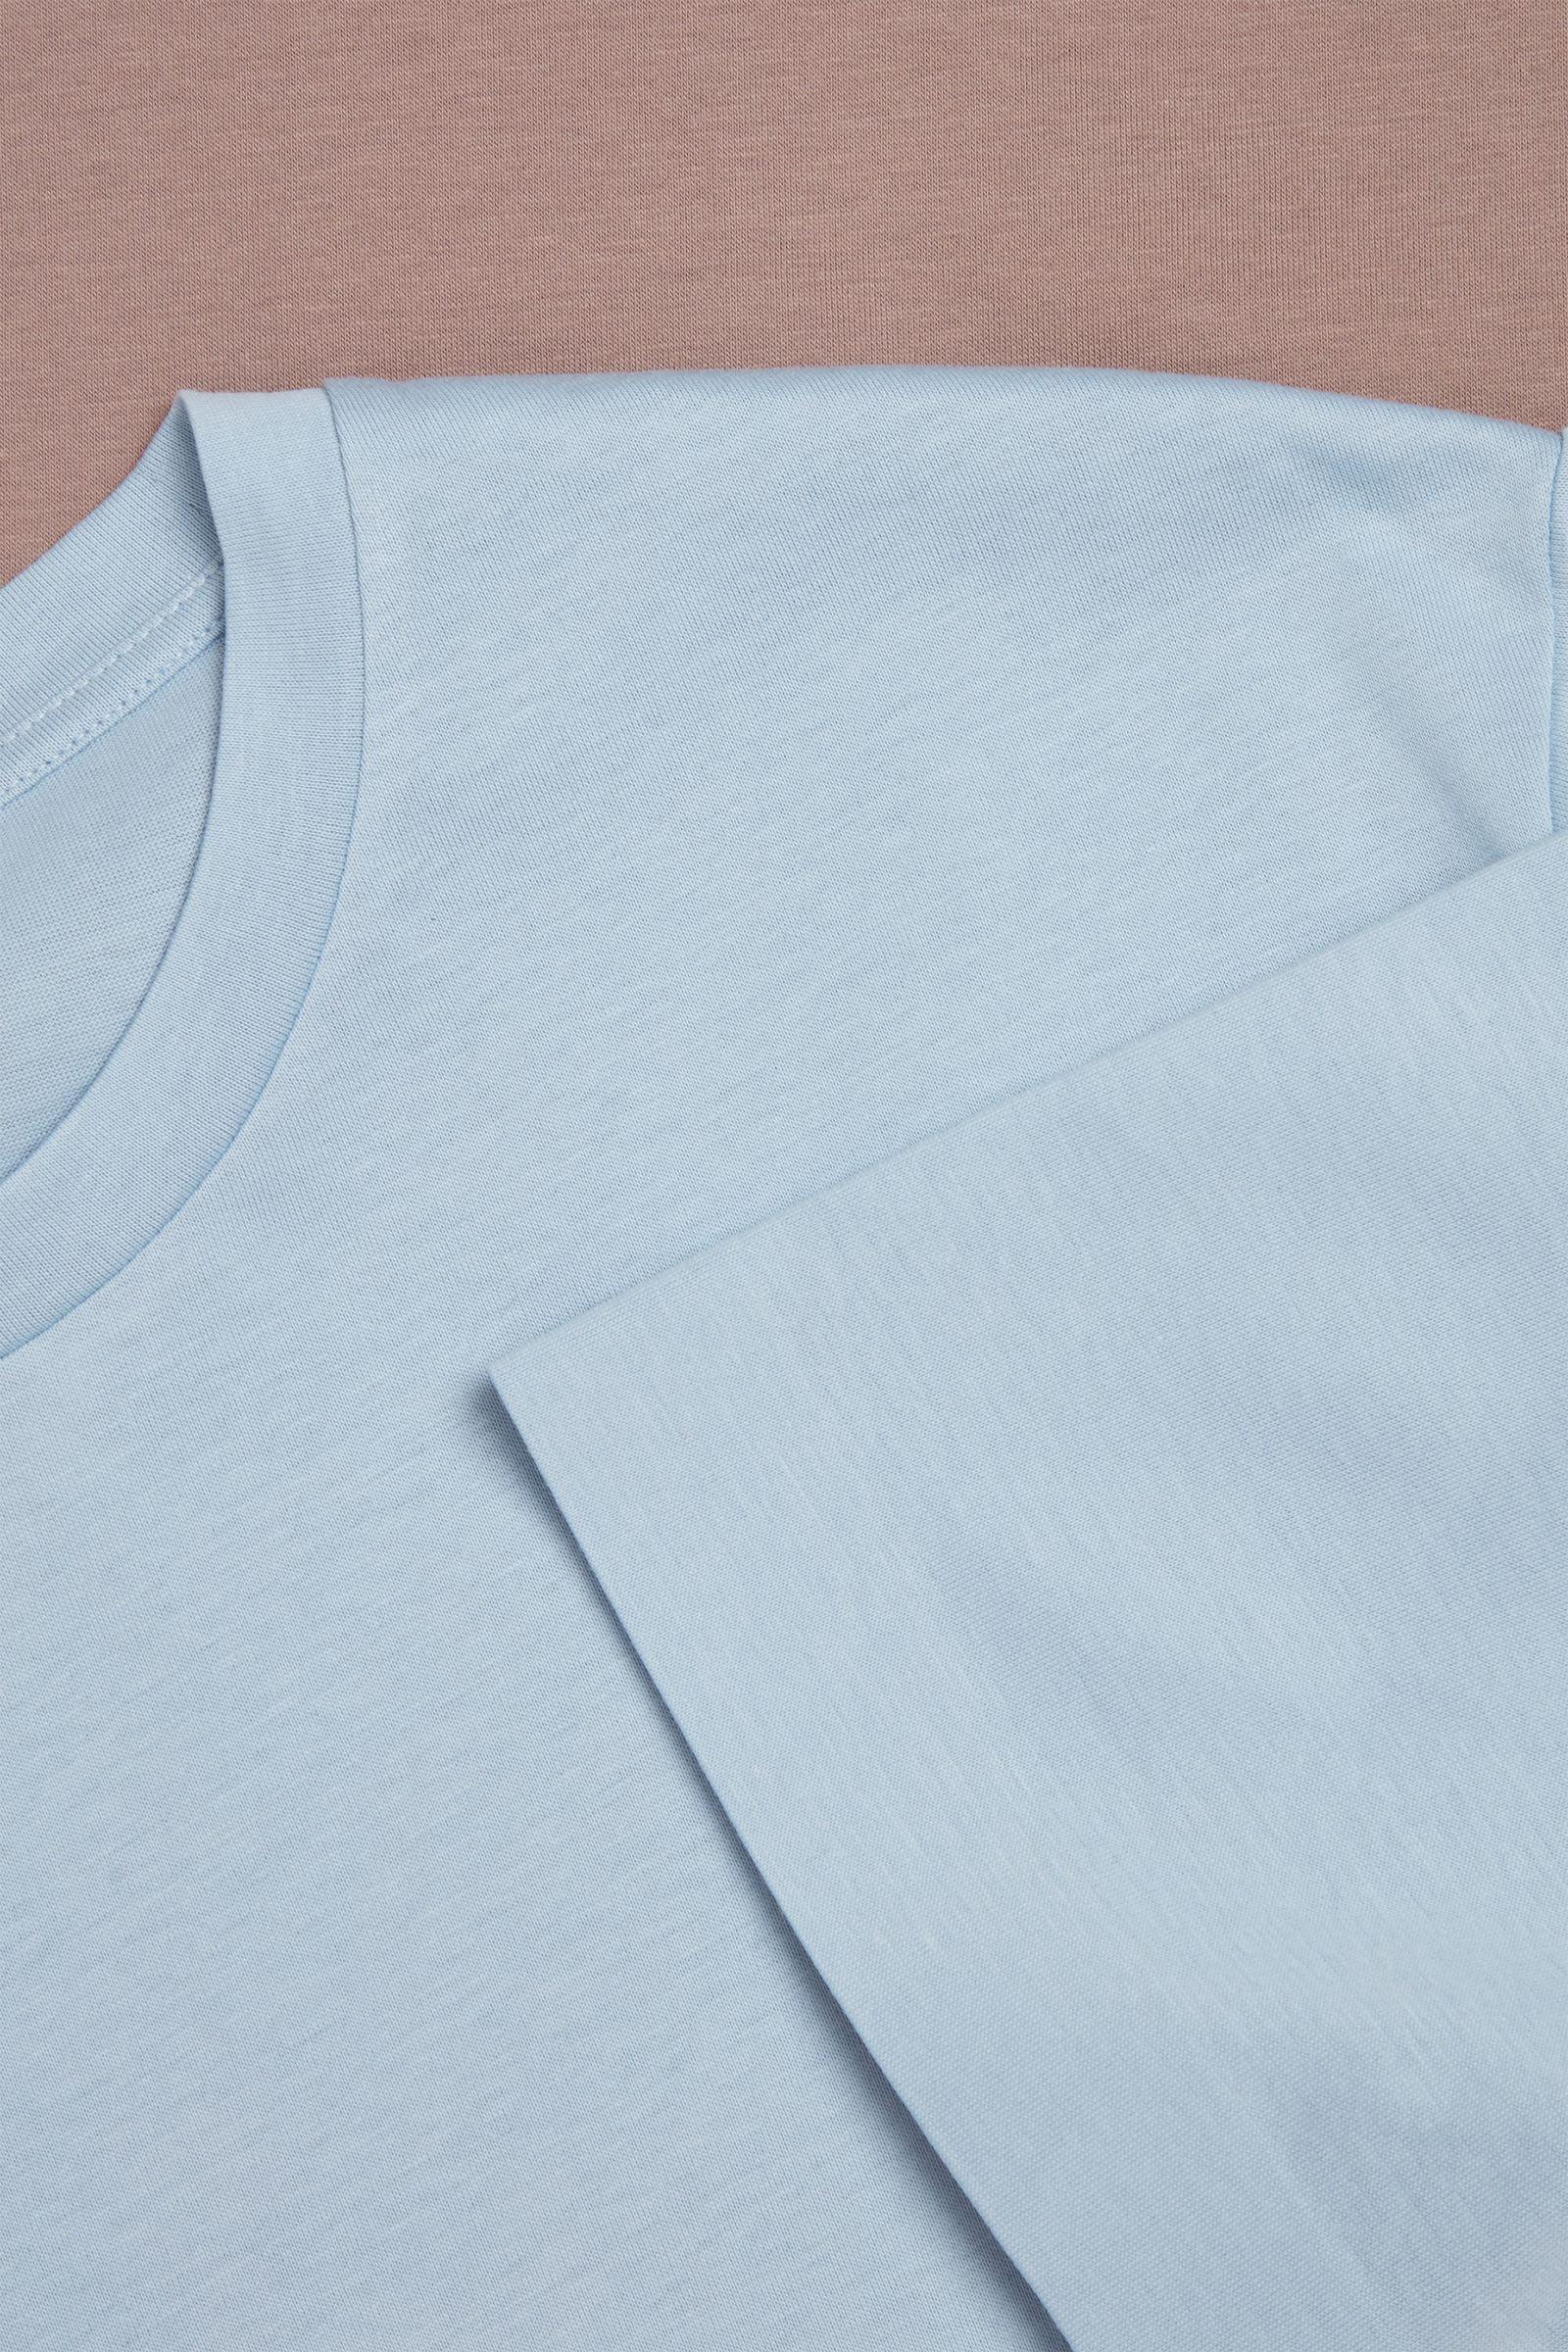 COS 본디드 코튼 티셔츠의 라이트 블루 / 브라운컬러 Detail입니다.